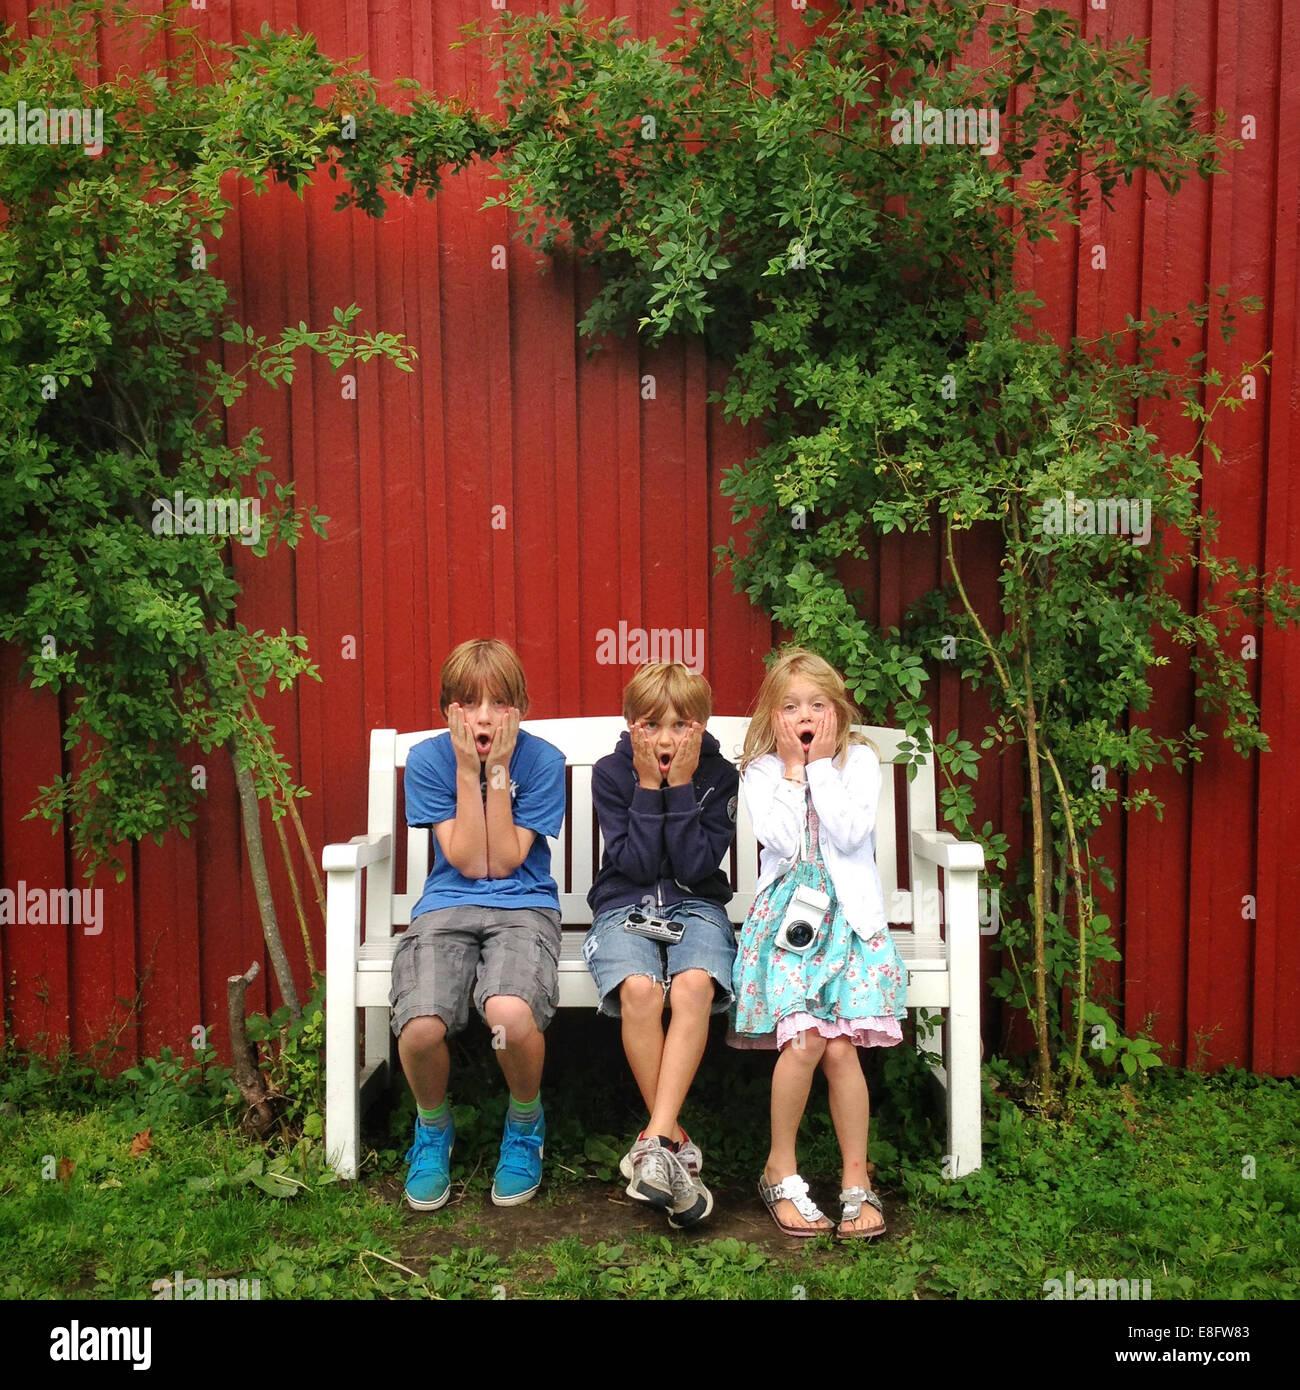 Three children (10-11, 12-13) sitting on bench in garden - Stock Image